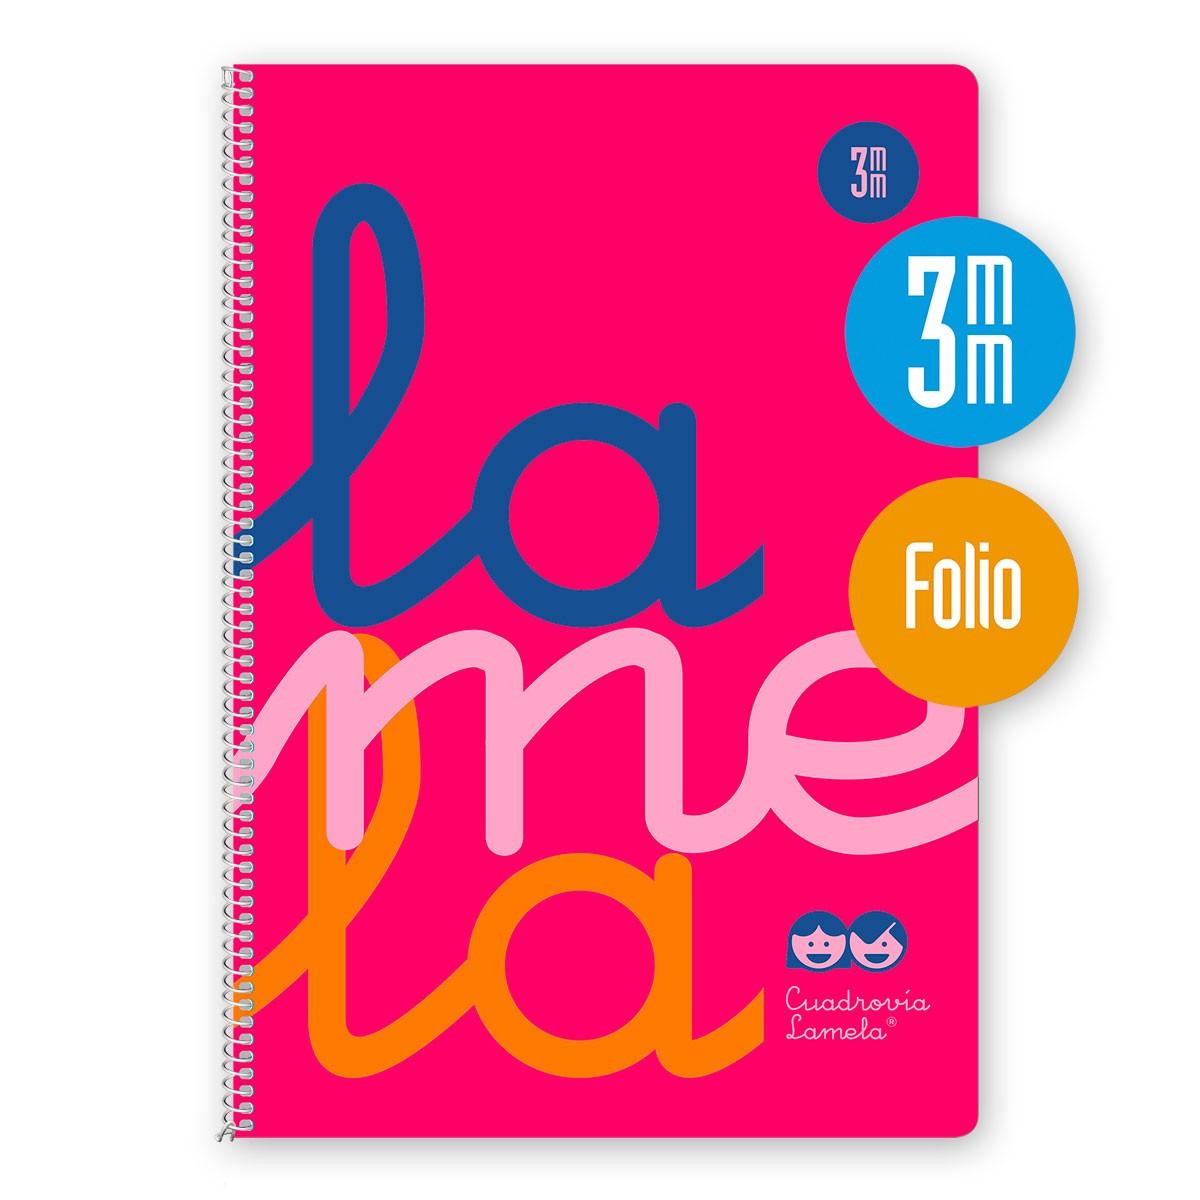 Cuaderno Espiral Folio 80 Hojas, 90 Grs. Cubierta Polipropileno Fluor. ROSA. Cuadrovía 3mm.